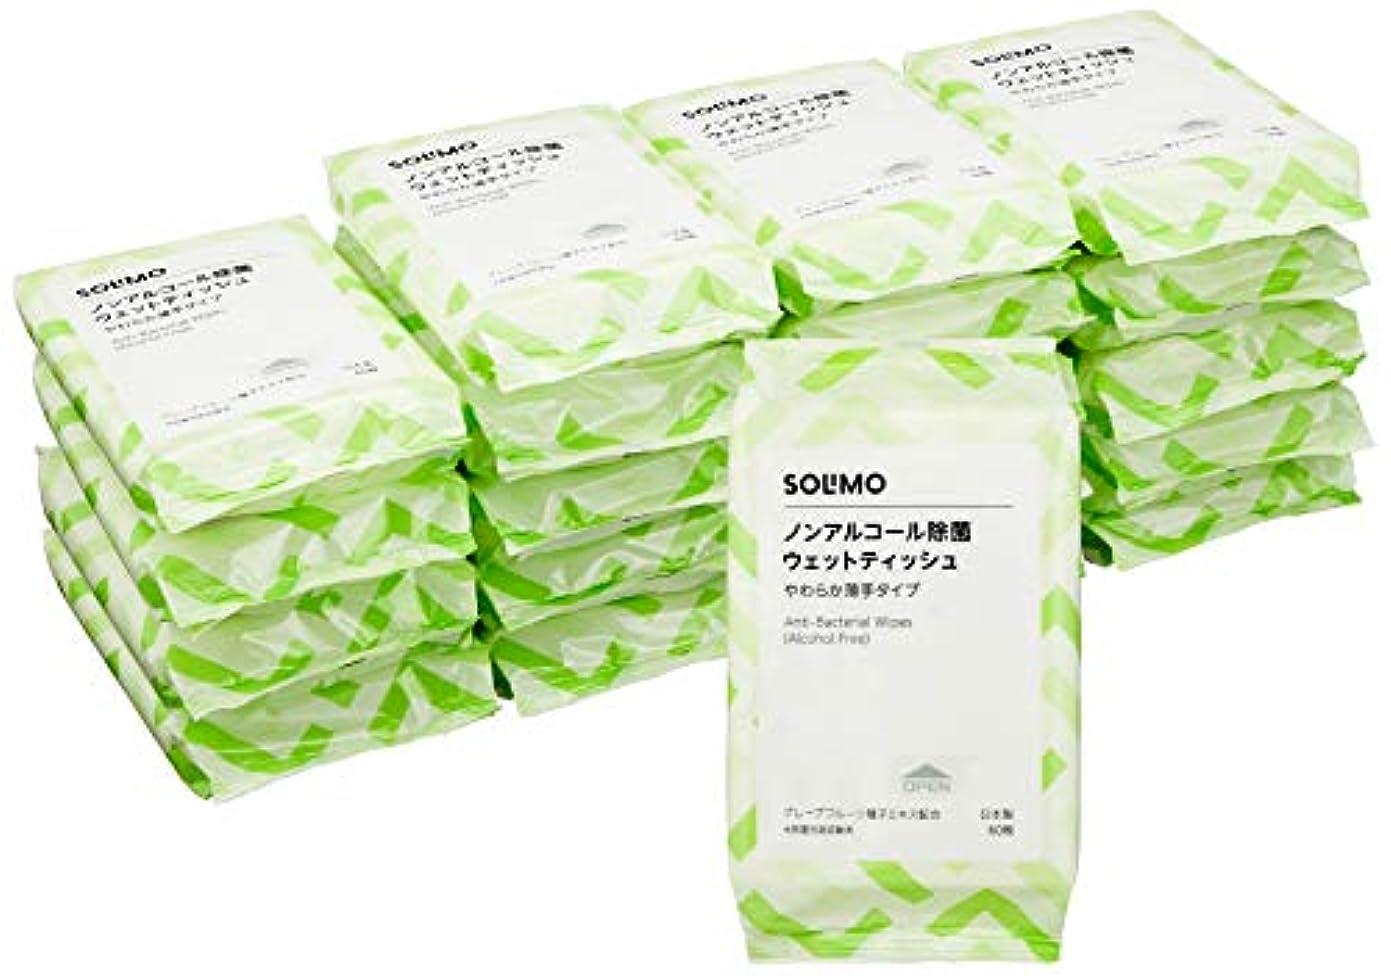 追記着飾るうまくやる()[Amazonブランド]SOLIMO ノンアルコール 除菌 ウェットティッシュ やわらか薄手タイプ 60枚入×20個 (1200枚) 日本製 グレープフルーツ種子エキス配合